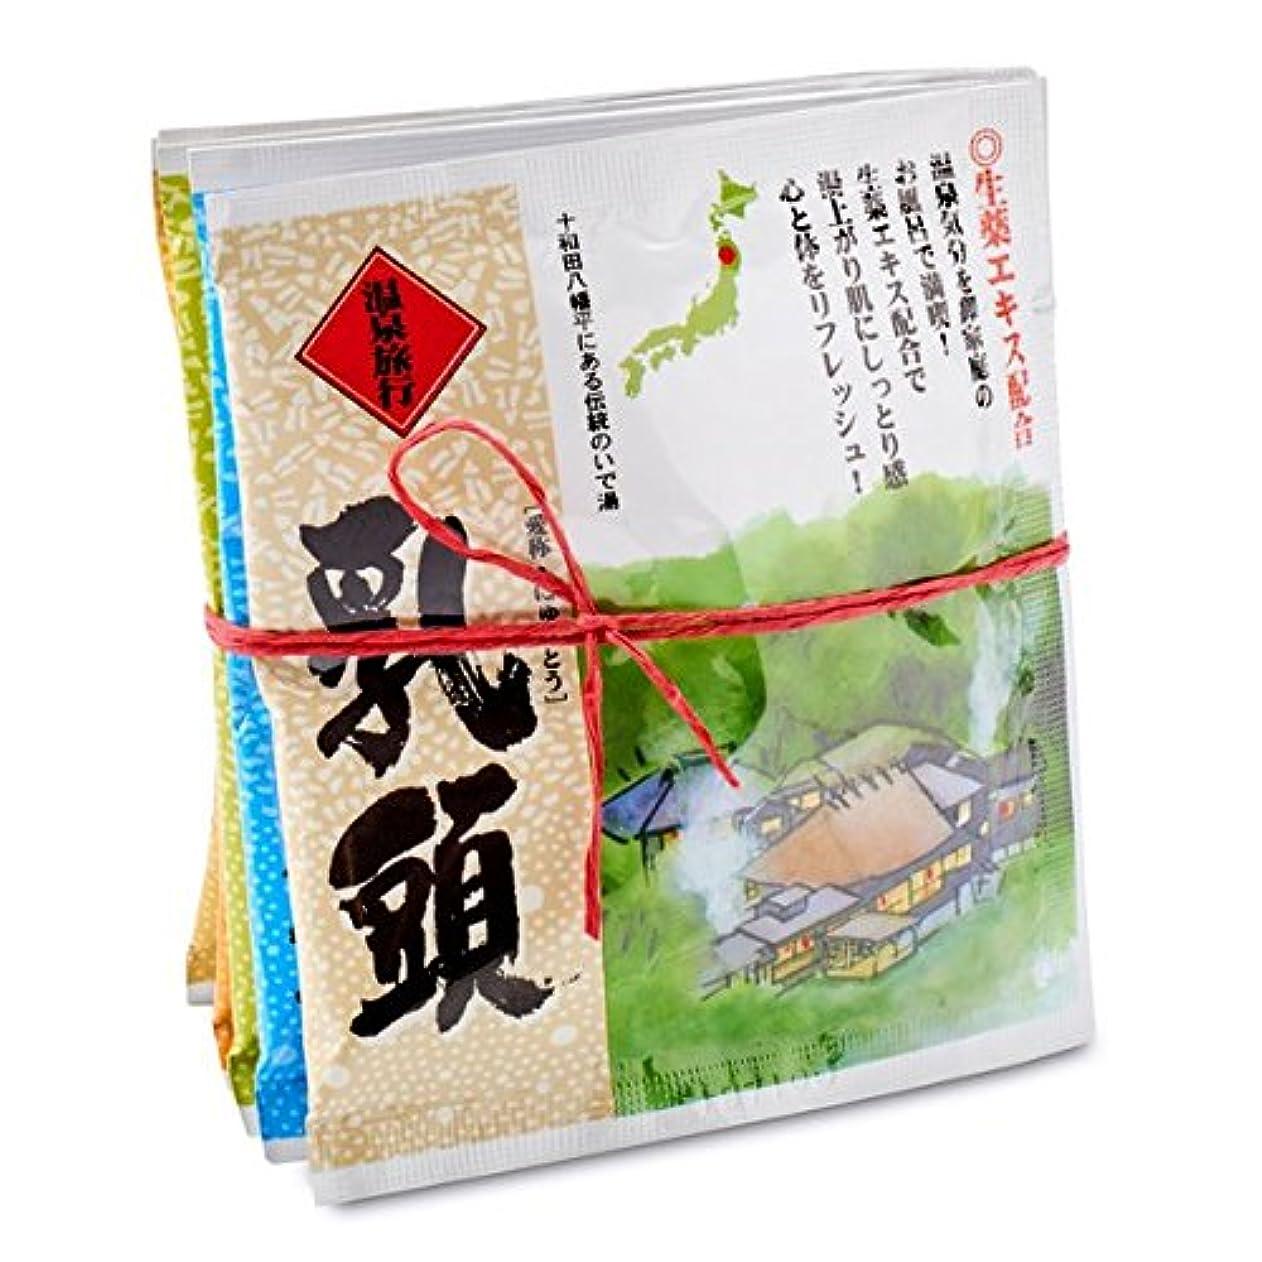 五洲薬品 温泉旅行 乳頭 25g 4987332128304